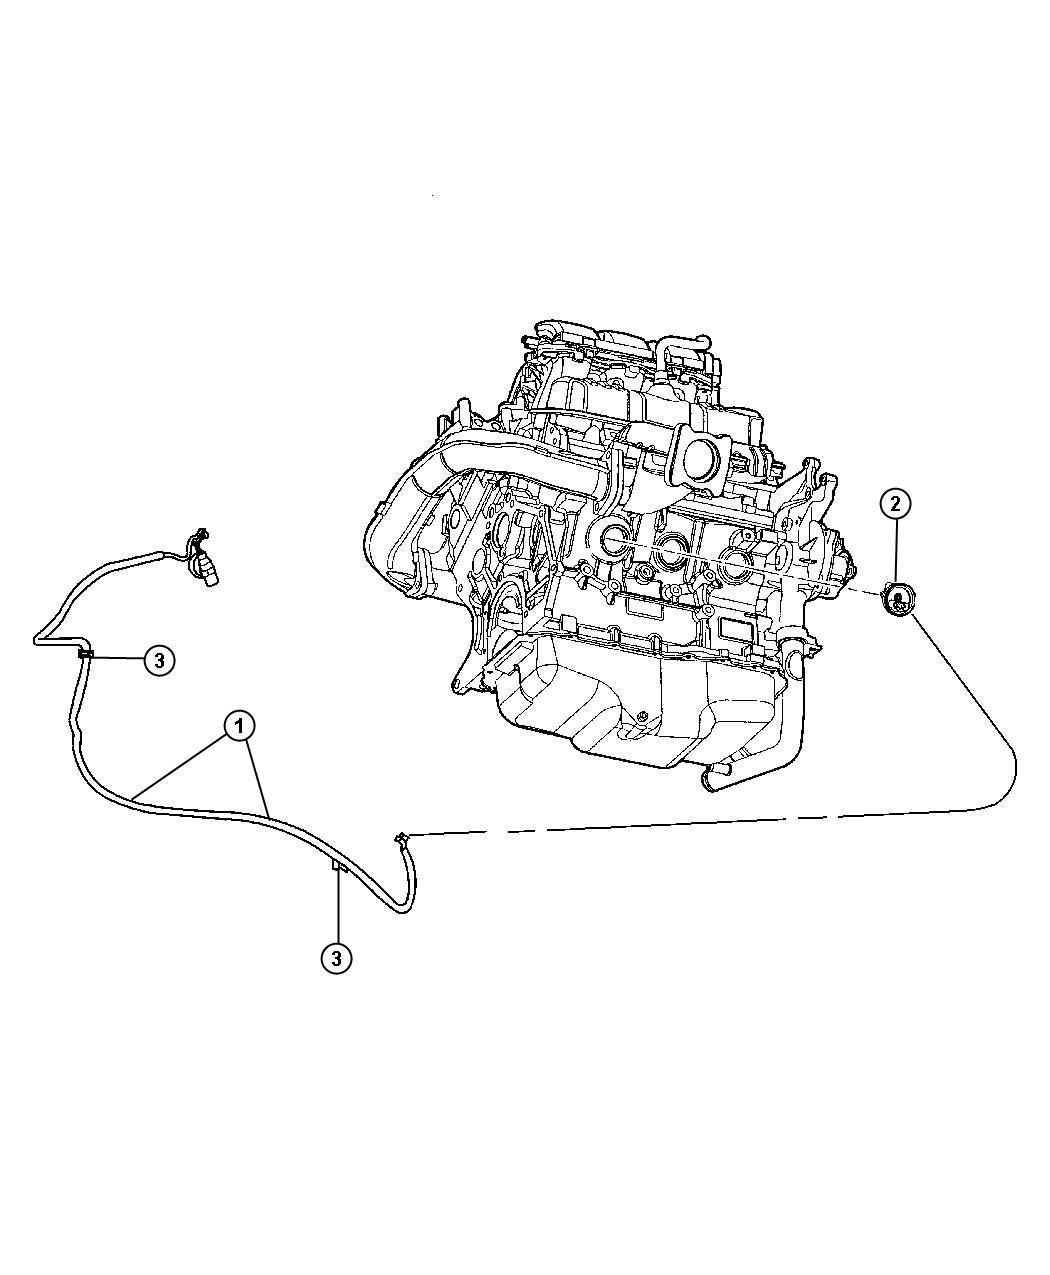 i2223949  L Engine Diagram Free Download on 3.8 engine diagram, buick 3800 engine diagram, chevy v6 engine diagram, hybrid engine diagram, 3800 v6 engine diagram, turbo engine diagram, fwd engine diagram, 5.4l engine diagram, 5.7l hemi engine diagram, fuel injected engine diagram, v-6 engine diagram, 3.6l v6 engine diagram, 3l engine diagram, 4.6l v8 engine diagram, car engine diagram, 3.1l engine diagram, ford v6 engine diagram, gm 3.5 v6 engine diagram, 3.9l engine diagram, chevy 3800 engine diagram,